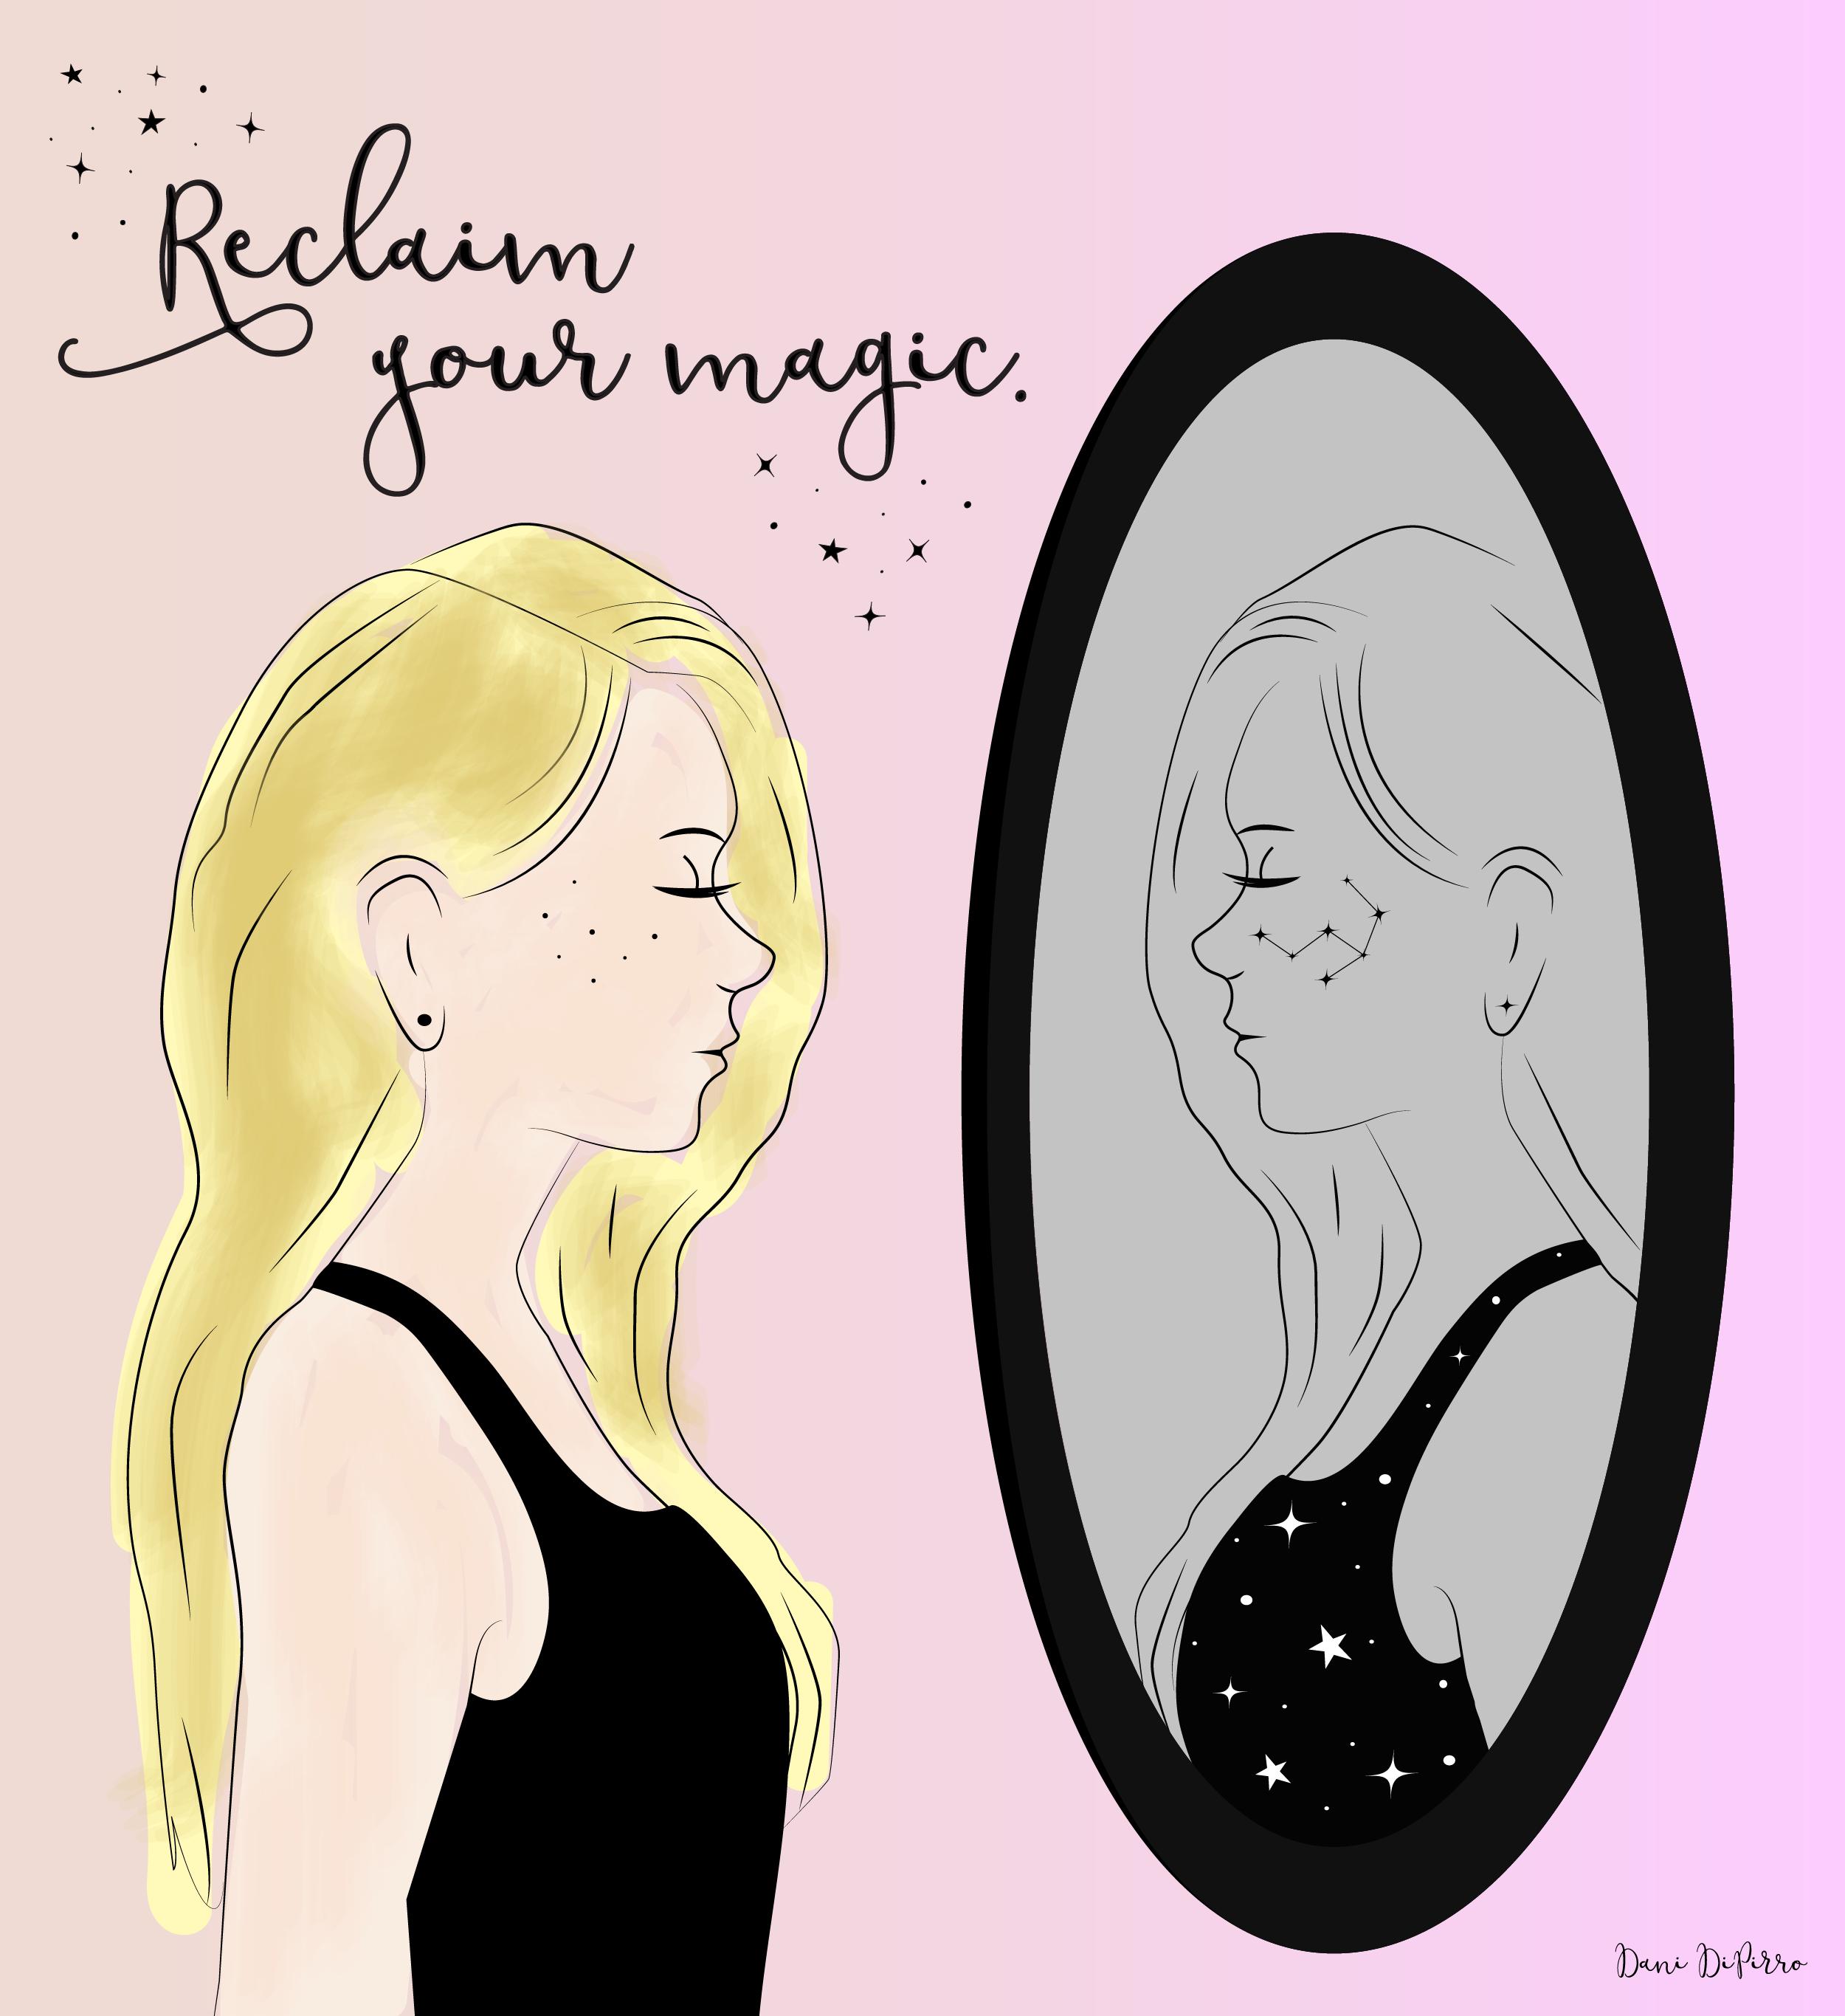 reclaim magic